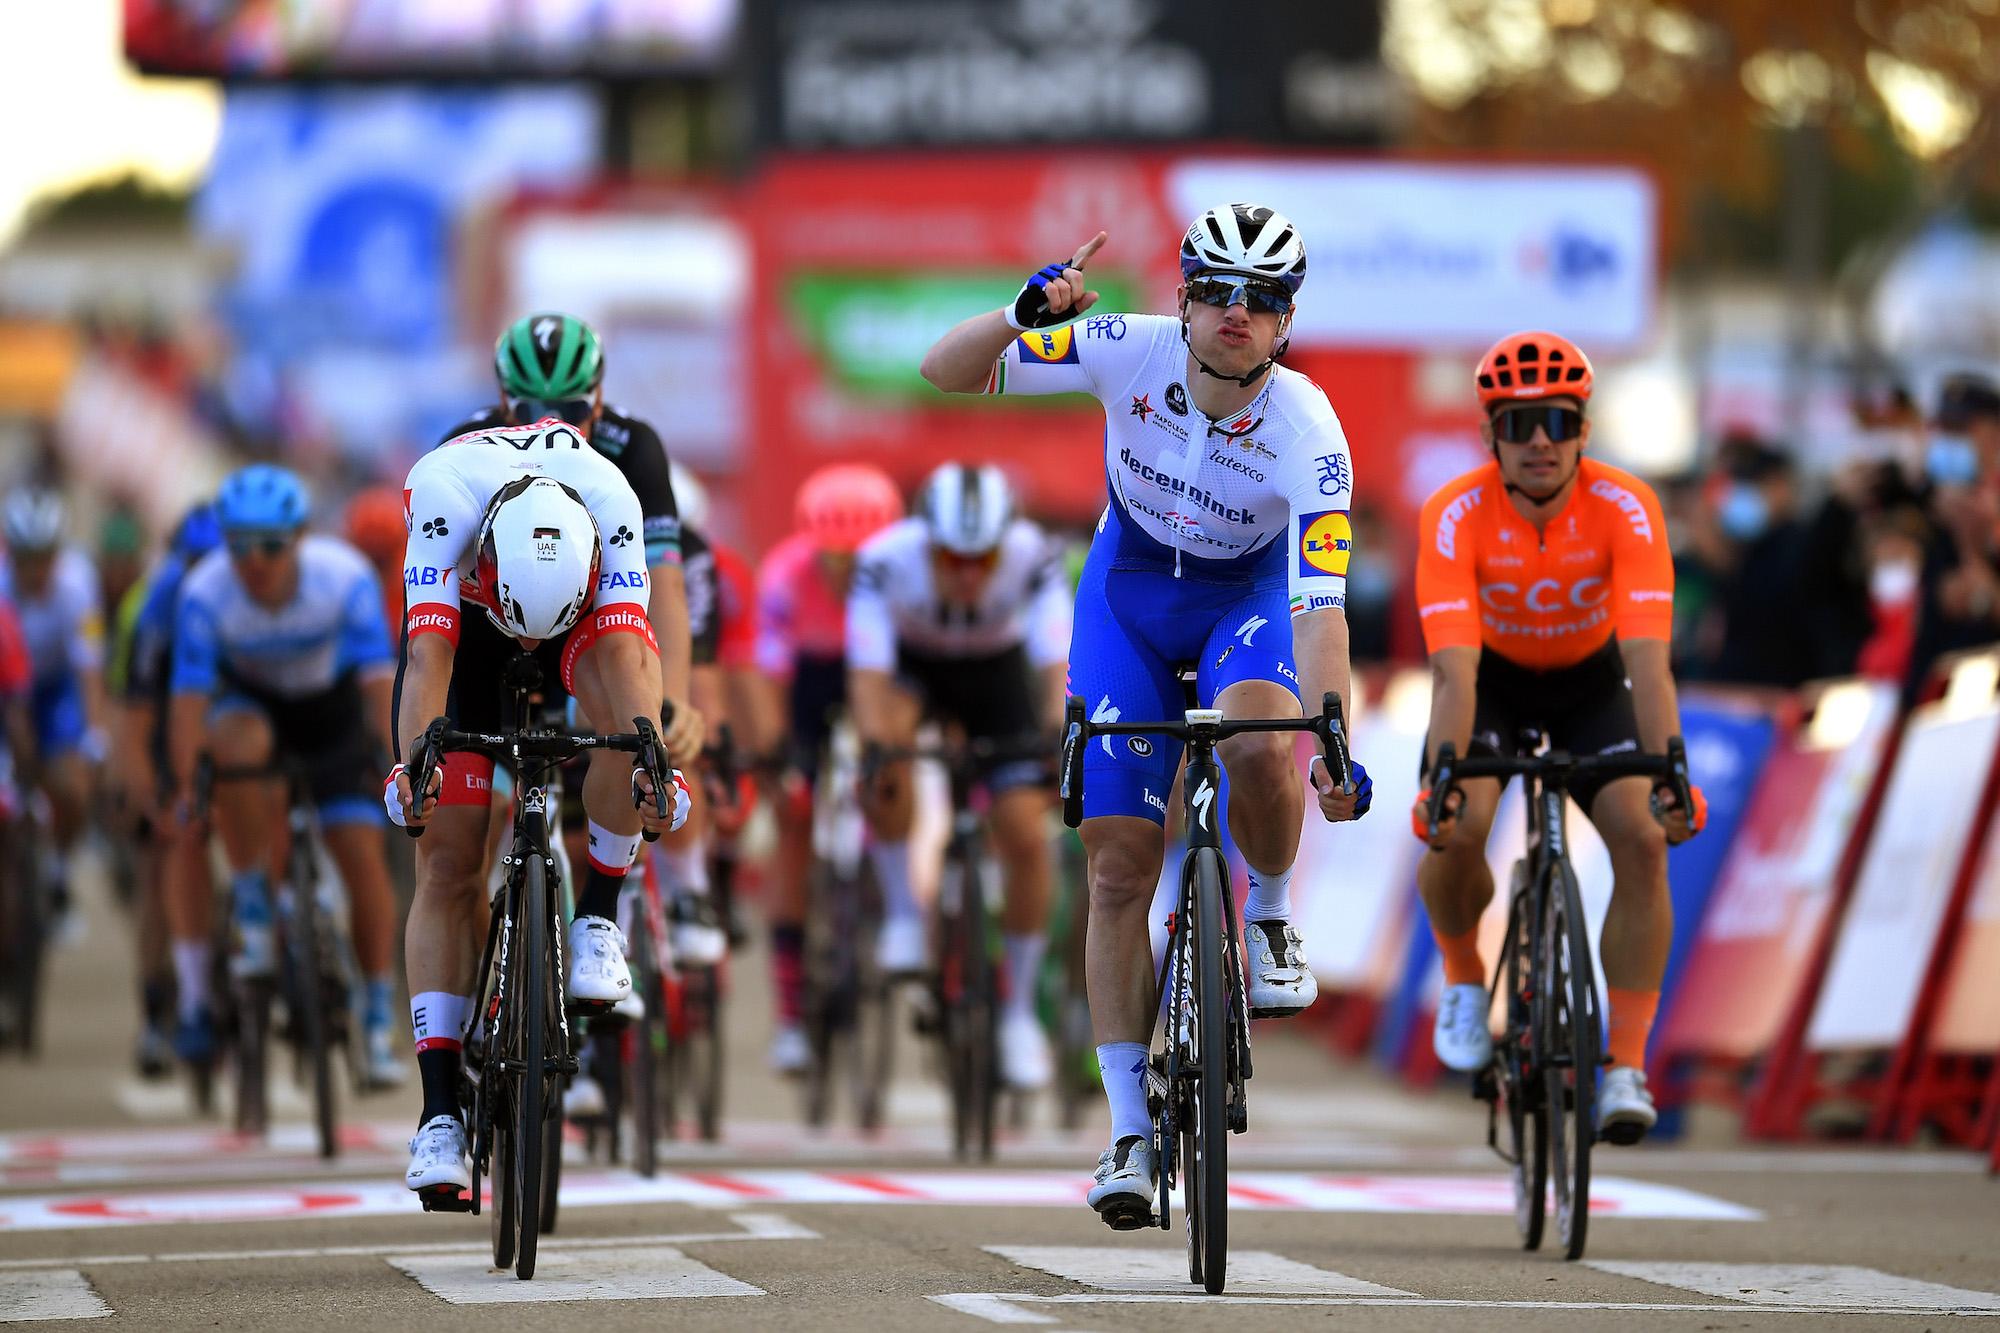 Sam Bennett gewinnt auf der vierten Etappe der Vuelta a España 2020 zwei Mal hintereinander für Irland